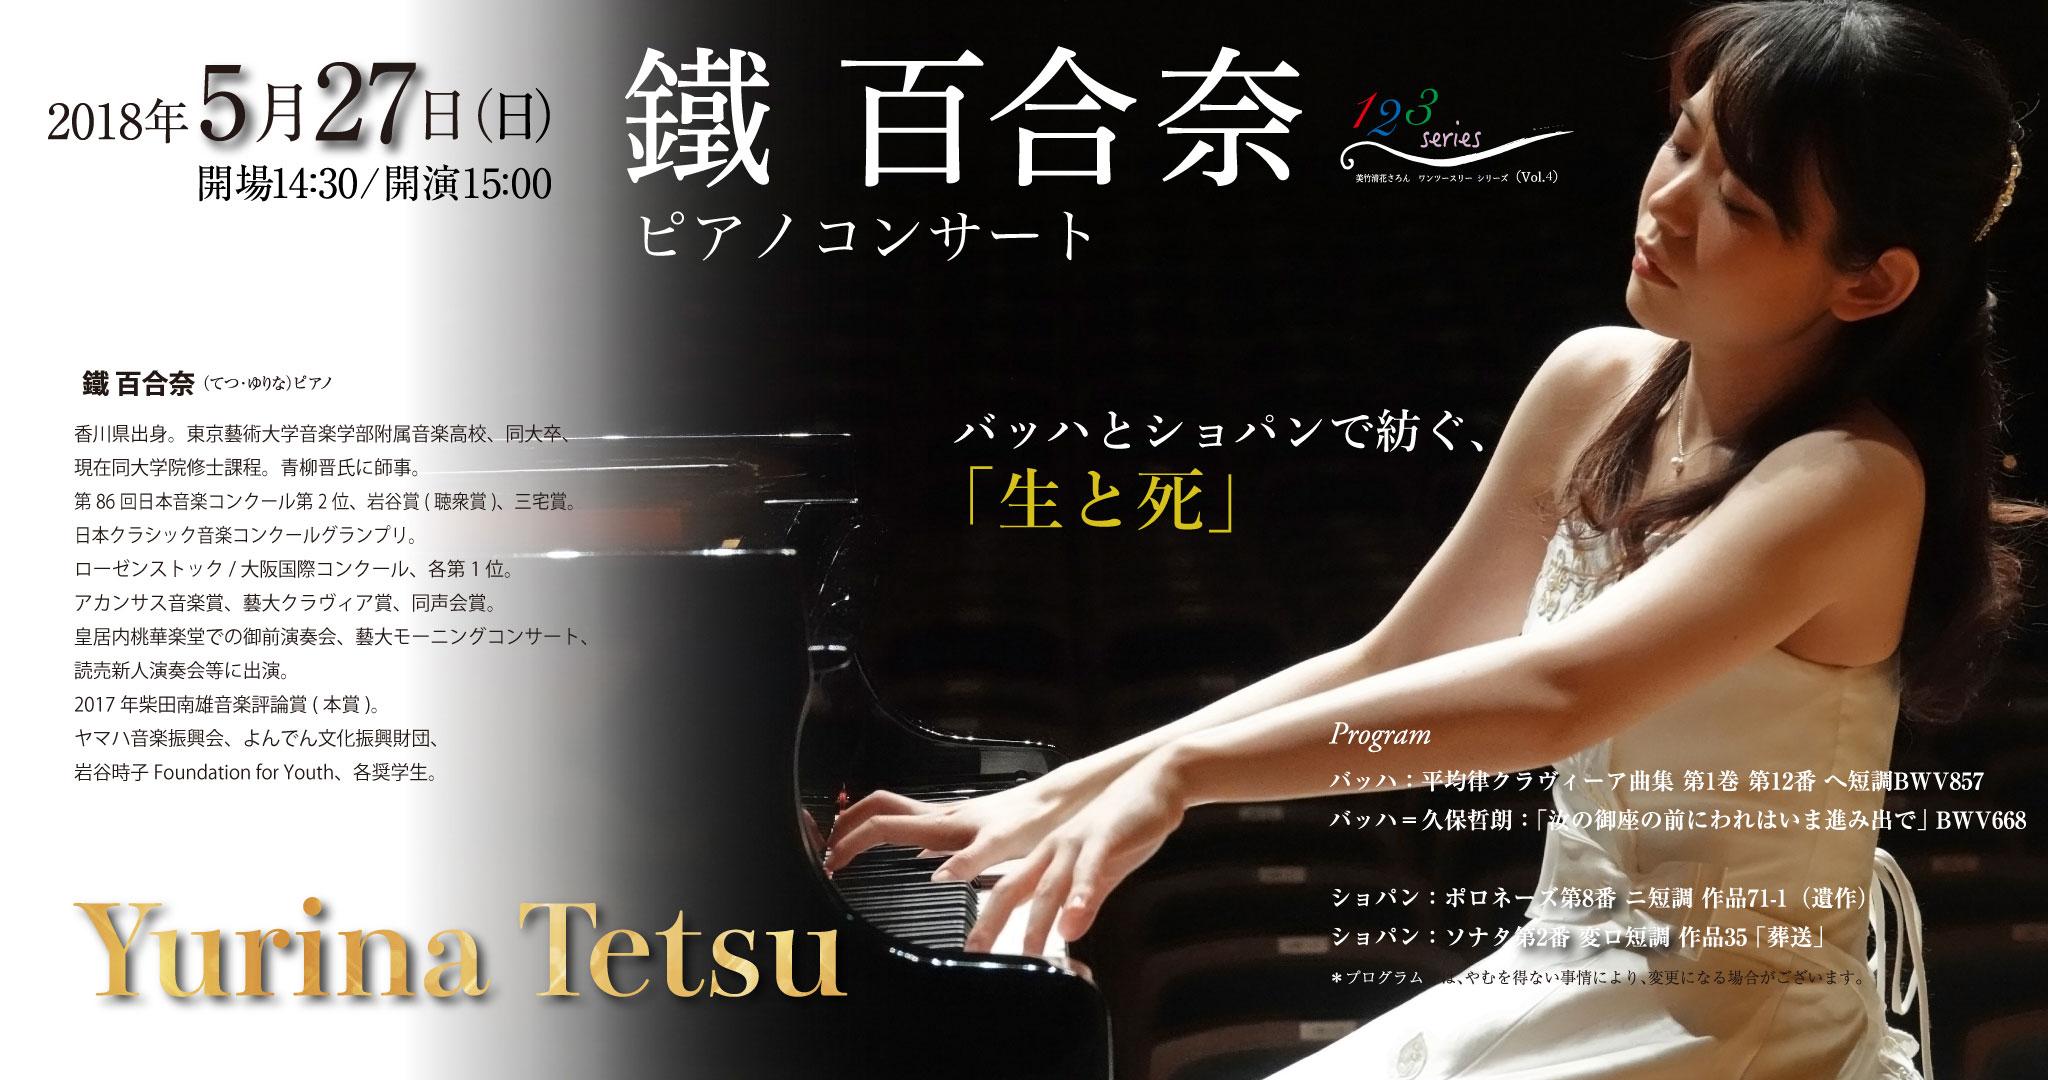 5月27日15:00~ 鐵 百合奈ピアノコンサート